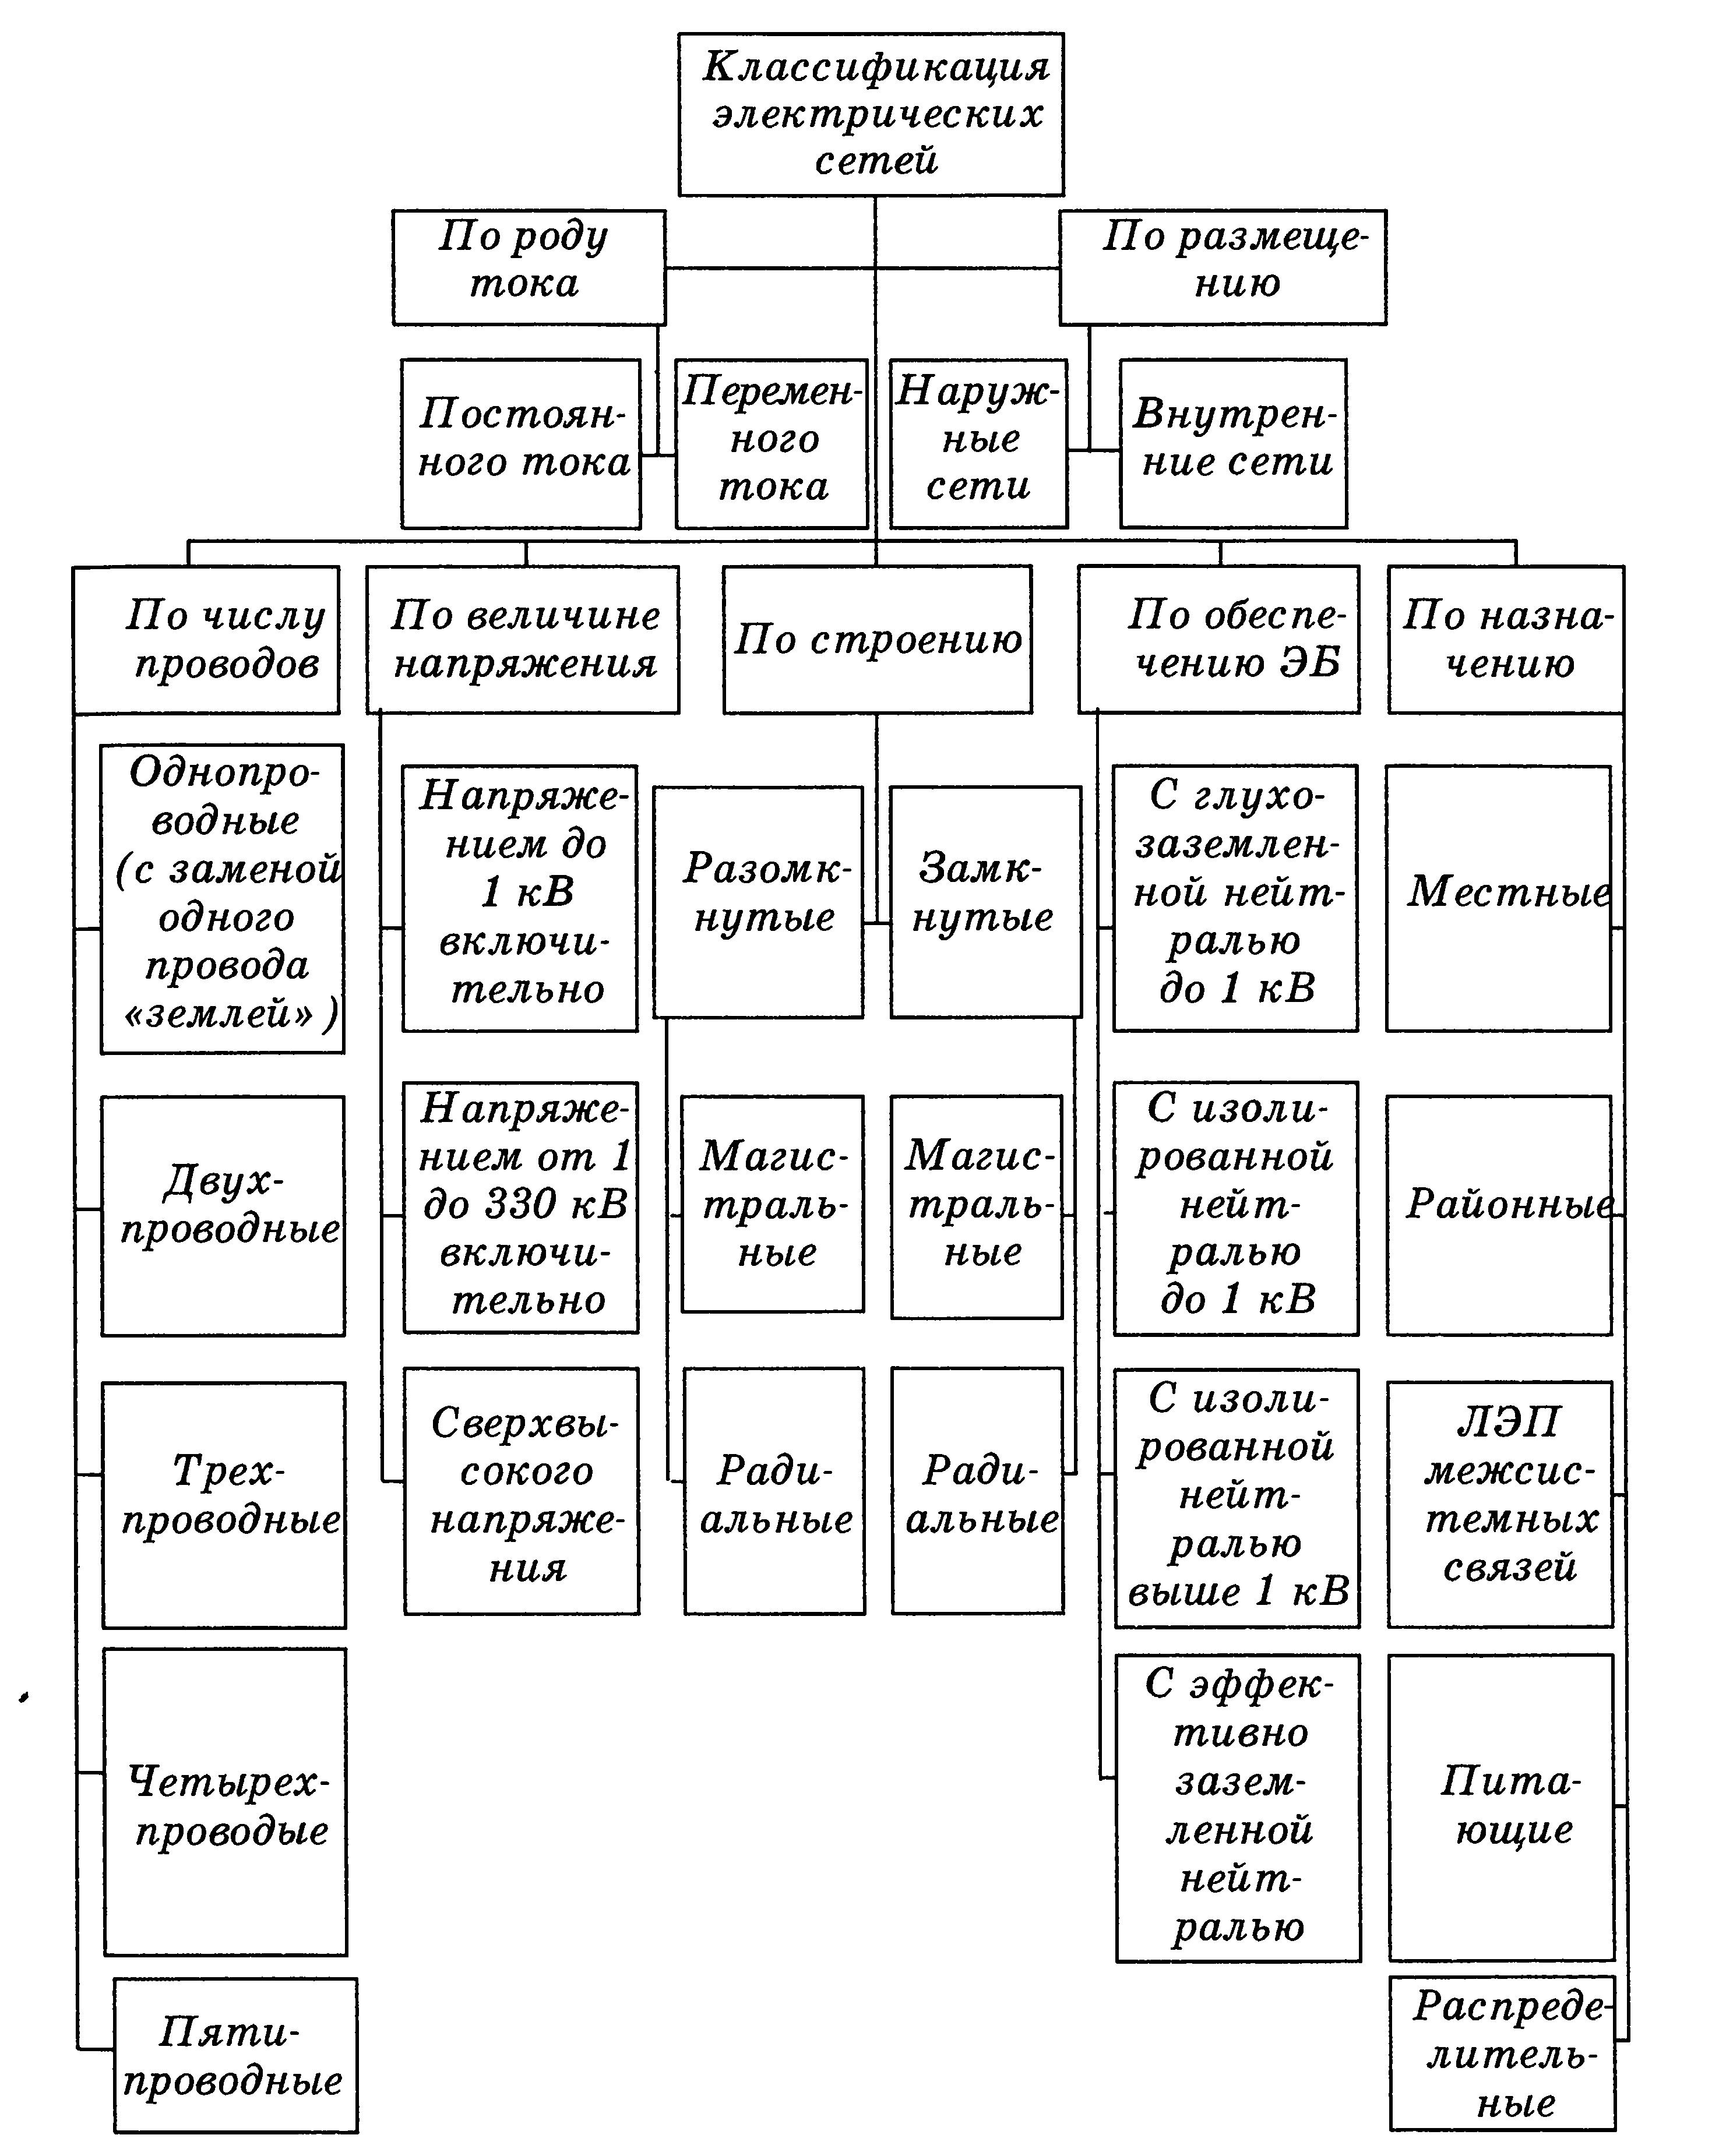 Распределительные сети электрической энергии: характеристики, классификации и схемы